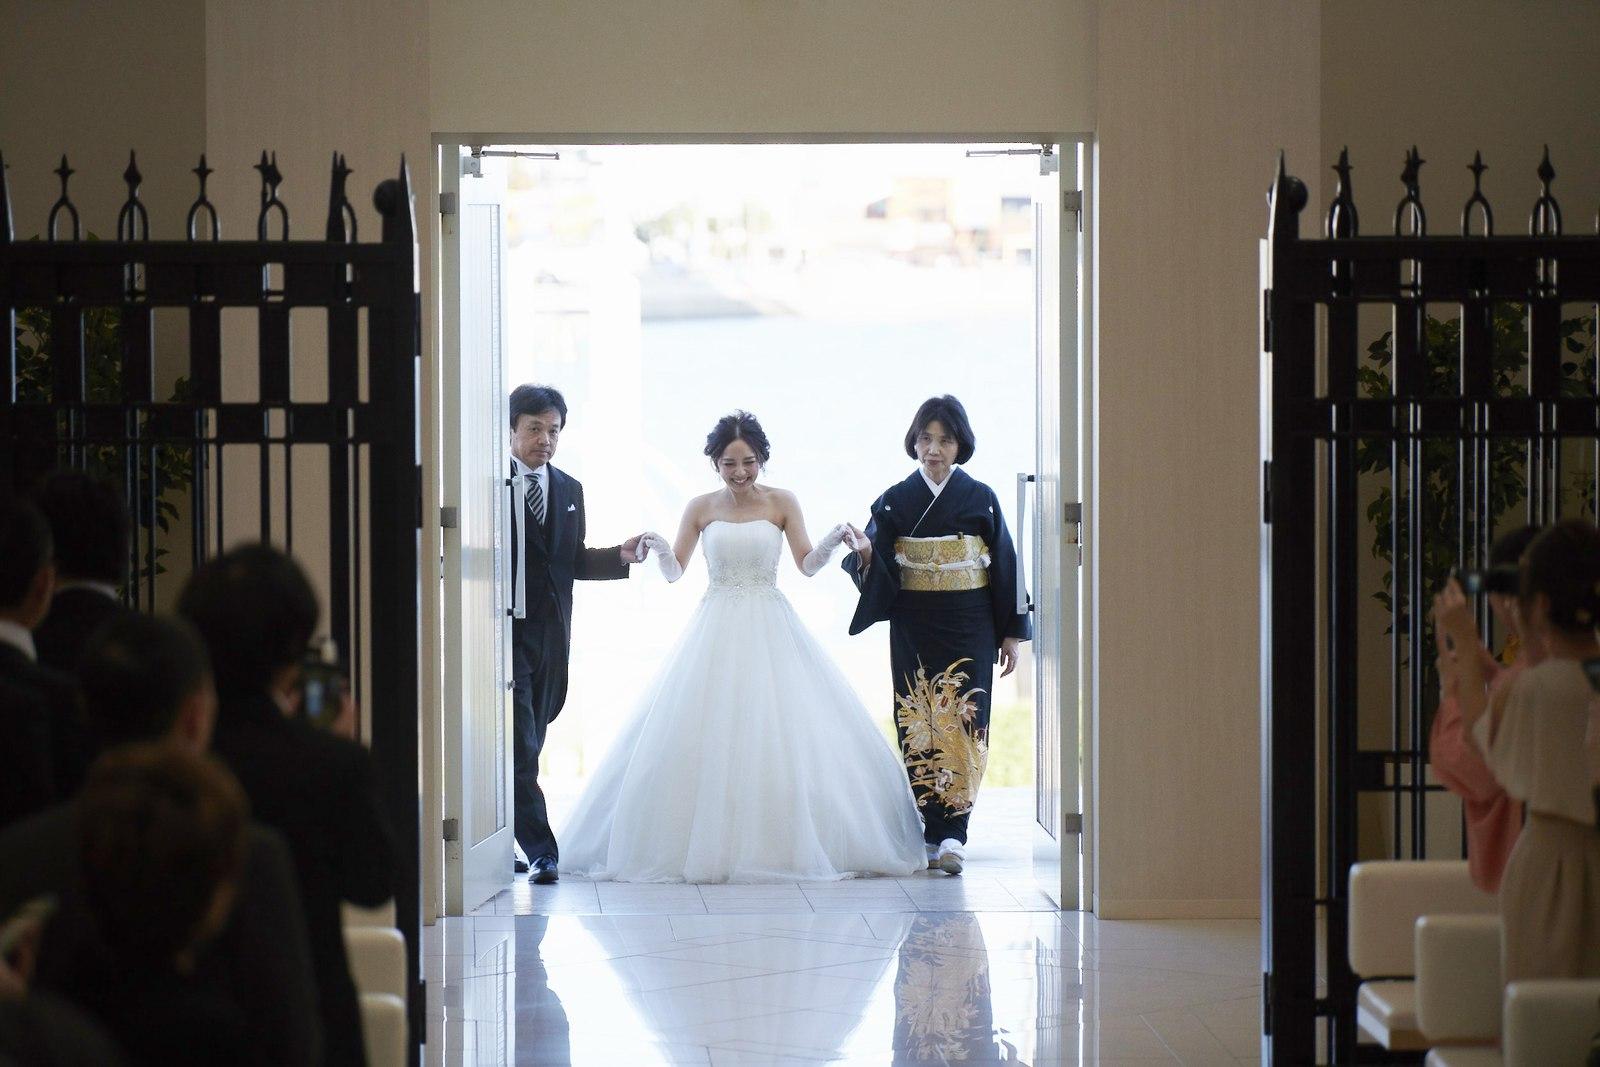 徳島県の結婚式場ブランアンジュのチャペルへ入場する新婦と両親